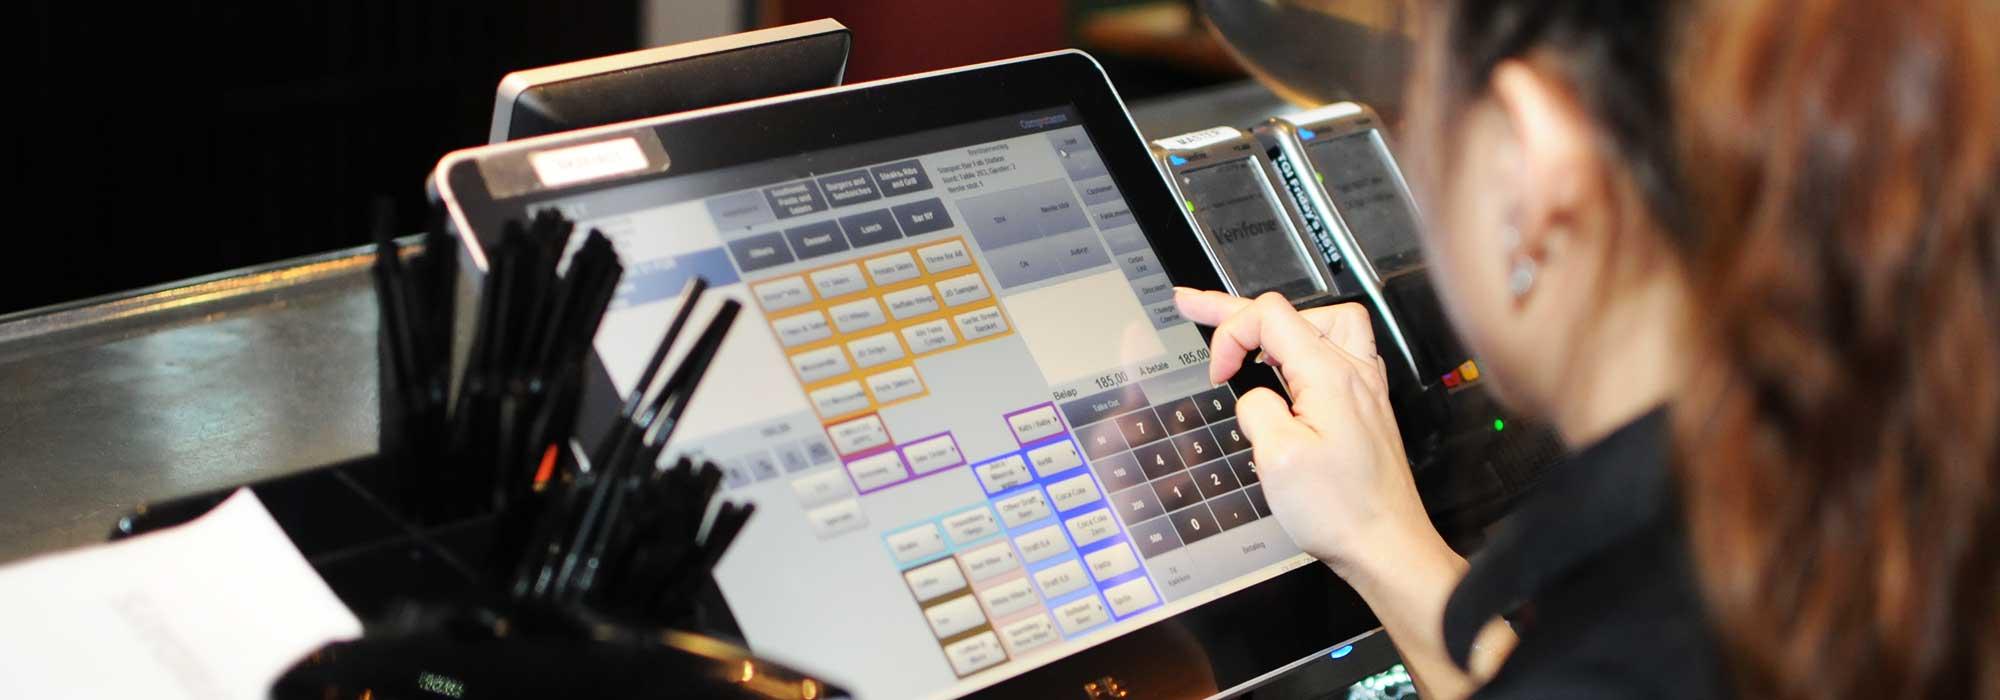 En ansatt trykker på en dataskjerm i en restaurant